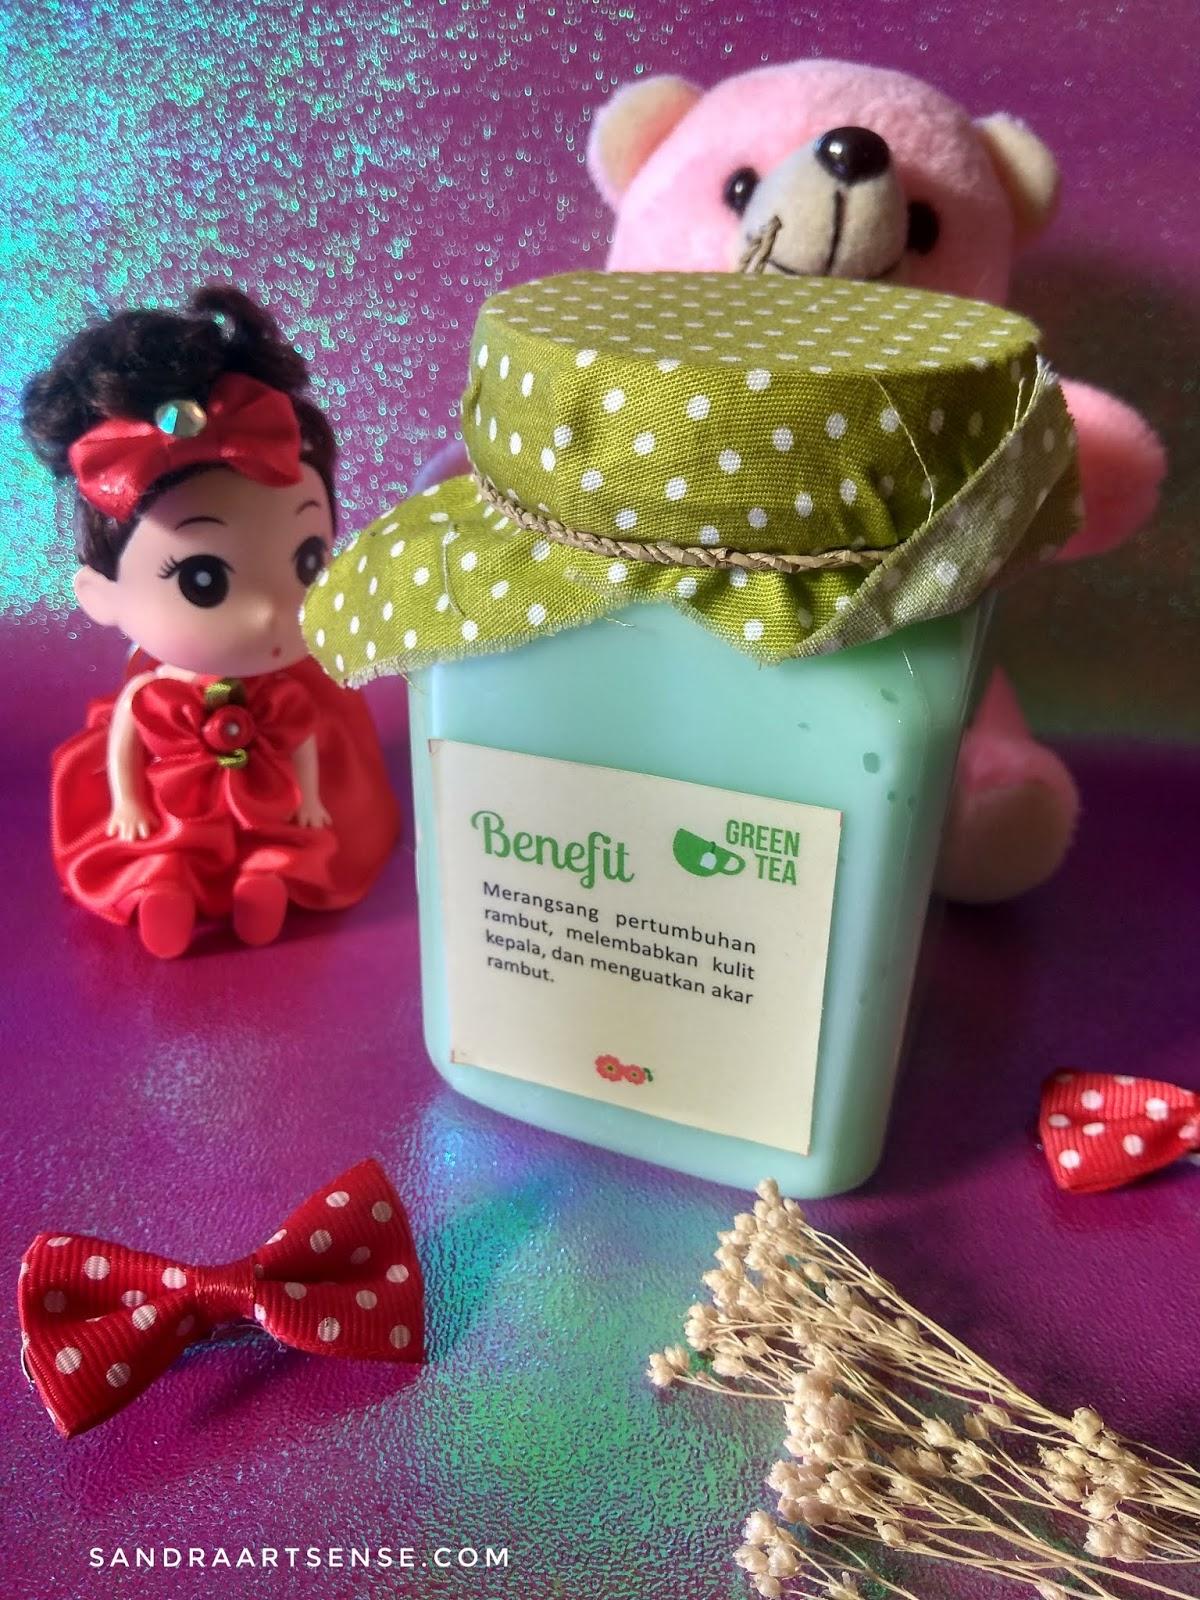 Sandraartsense Com Review Juliet Homemade Hair Mask Green Tea Perawatan Alami Untuk Rambut Rontok